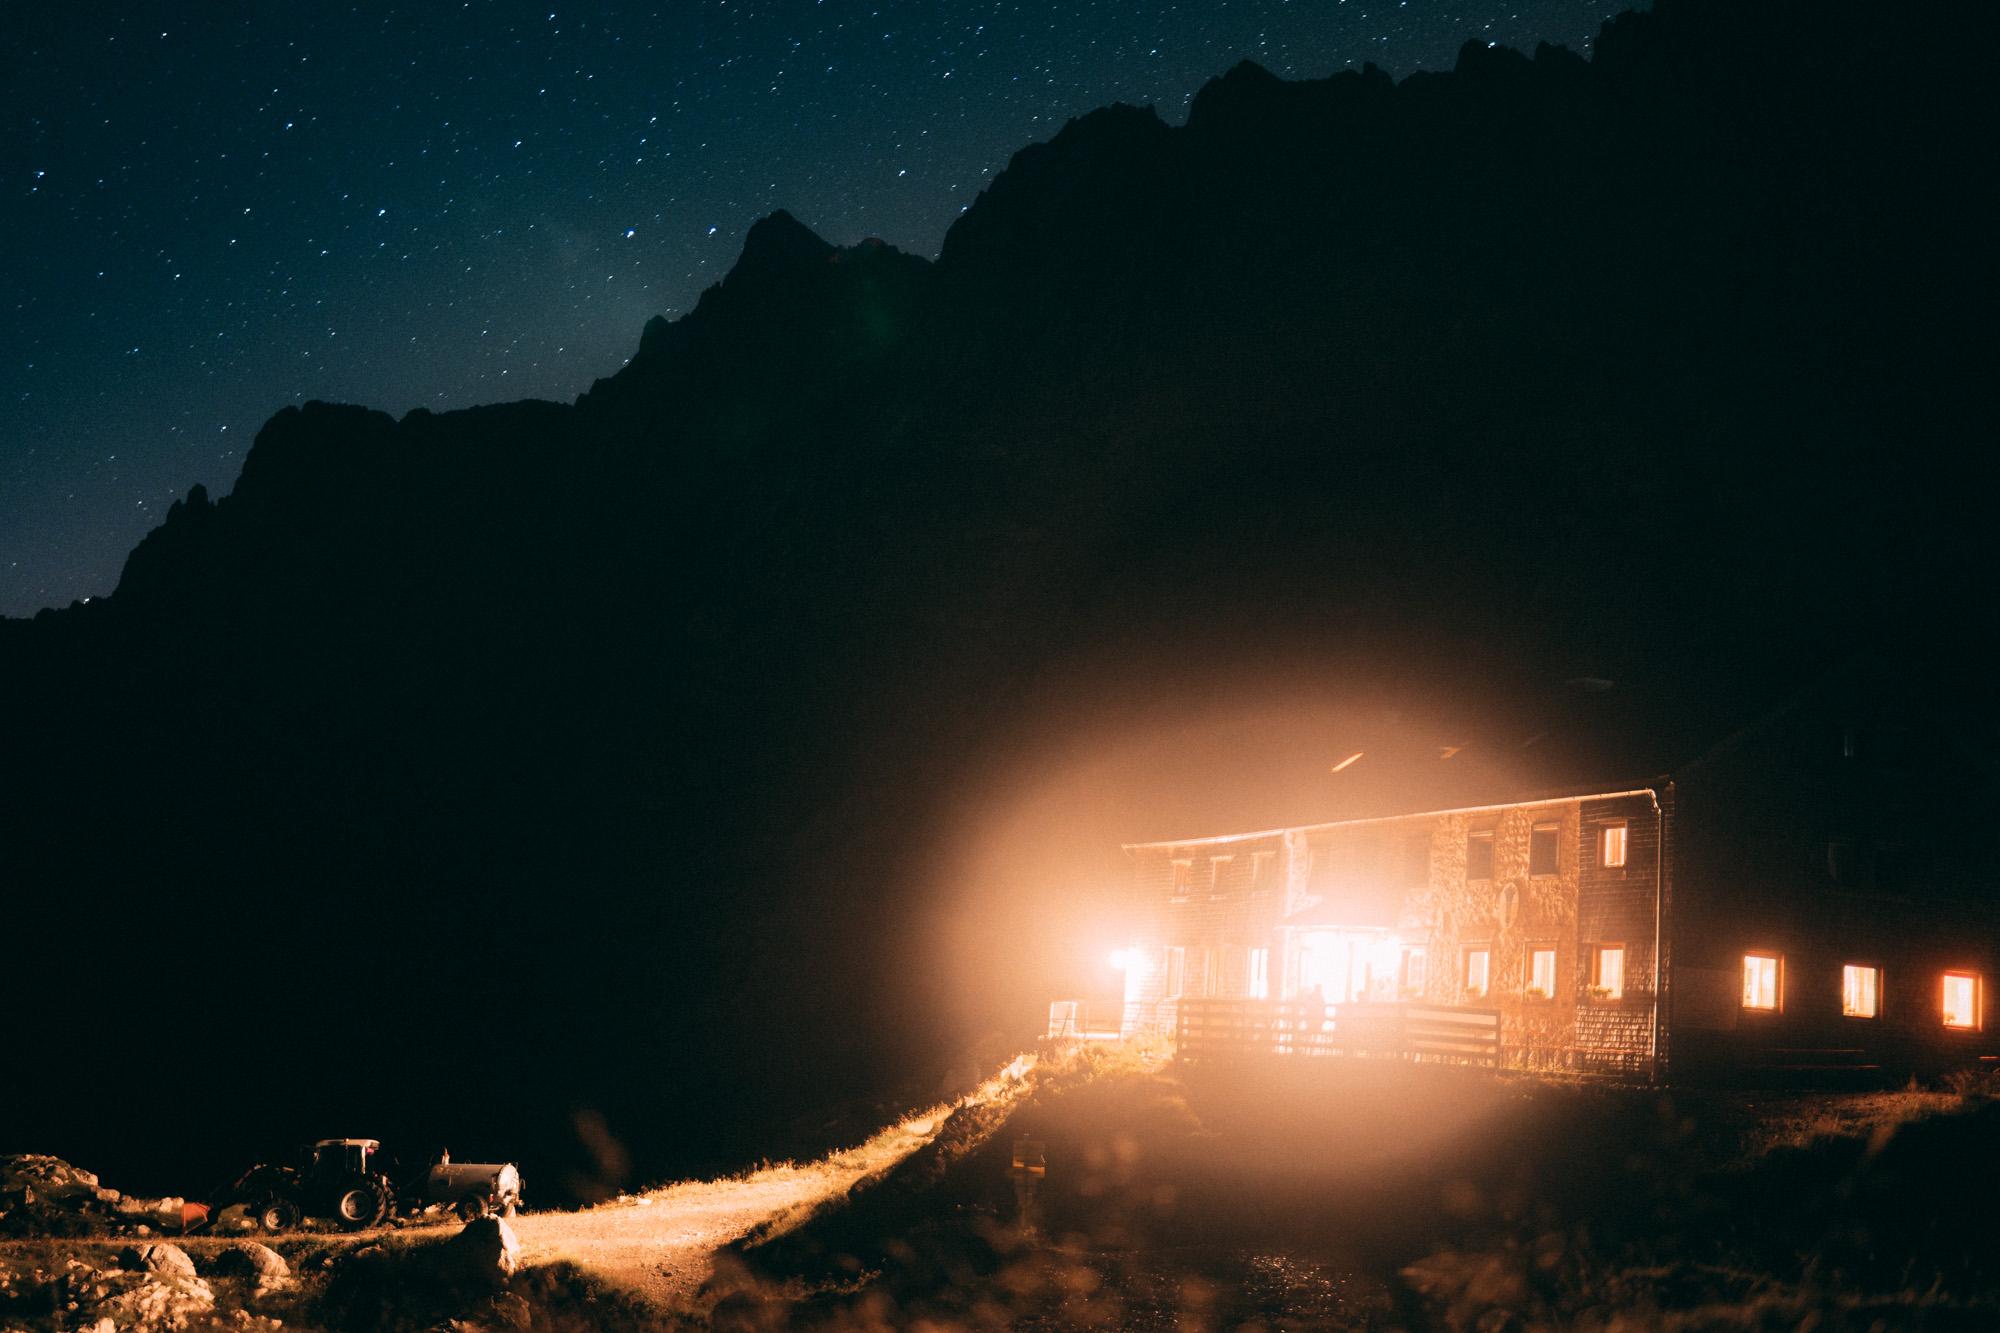 Lamsenjochhütte im Karwendelgebirge bei Nacht